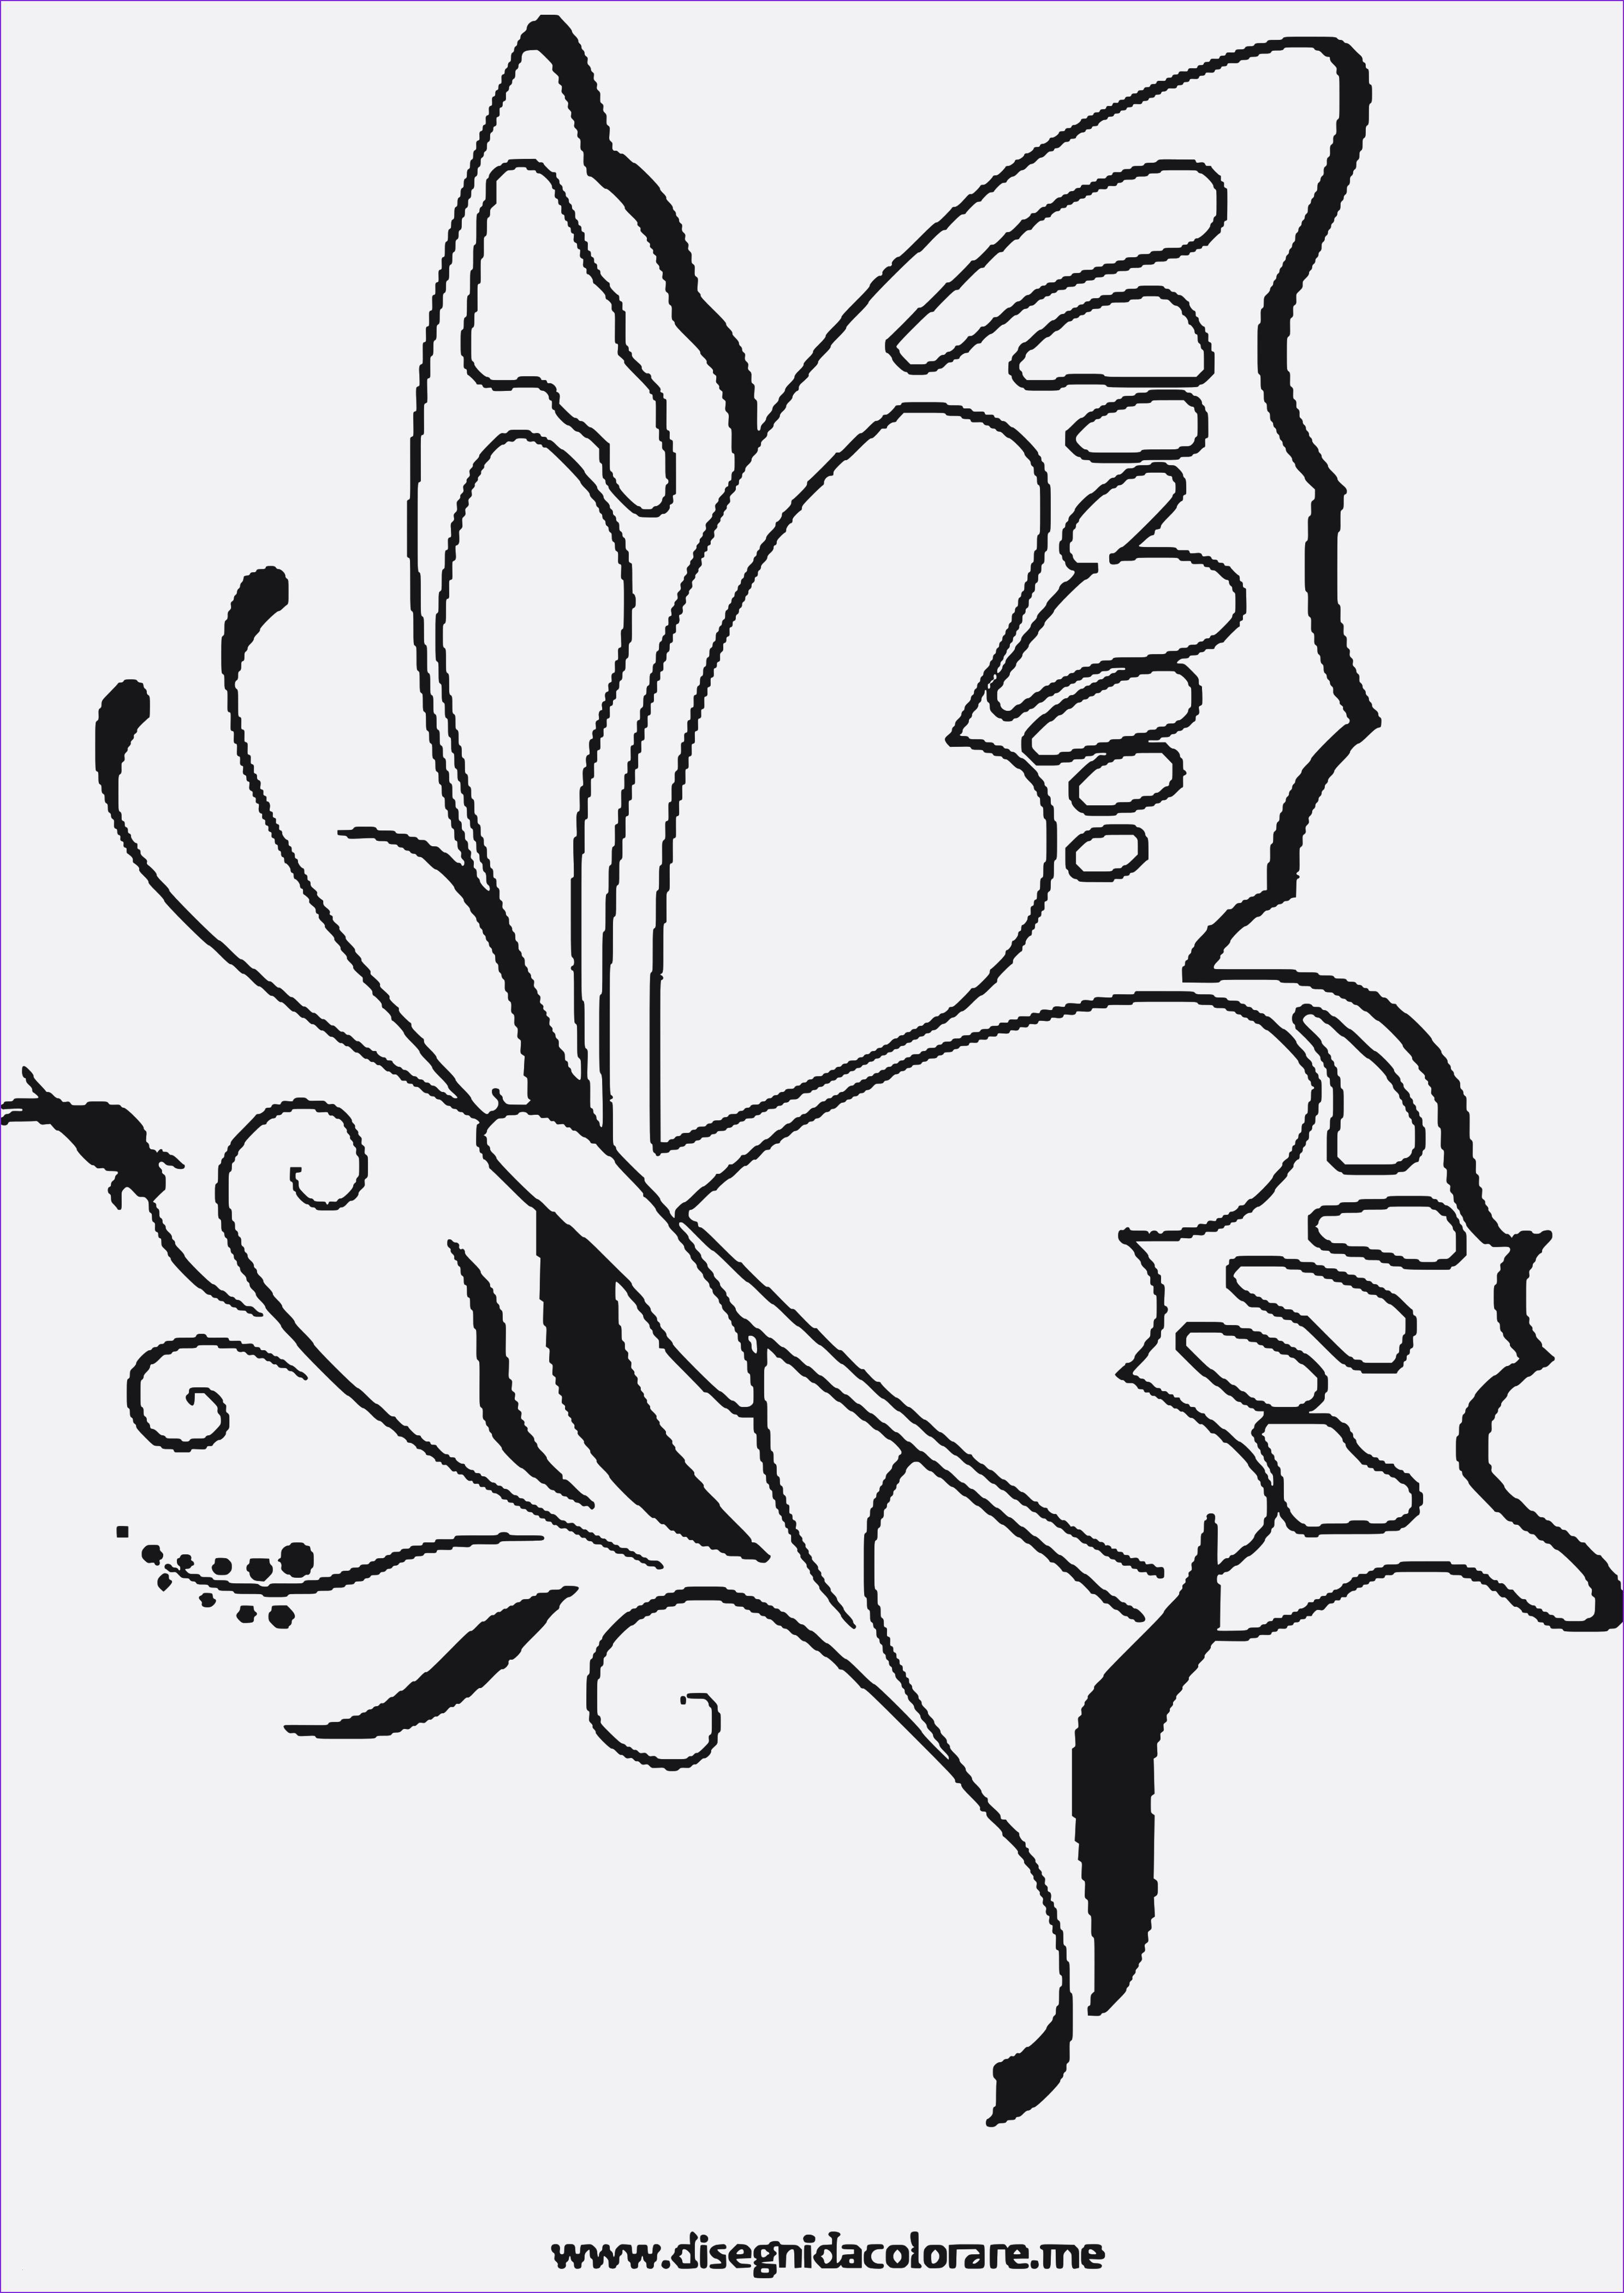 Schmetterling Mit Blume Zum Ausmalen Genial Malvorlagen Schmetterlinge Blumen Neu 45 Ausmalbilder Zum Ausdrucken Das Bild